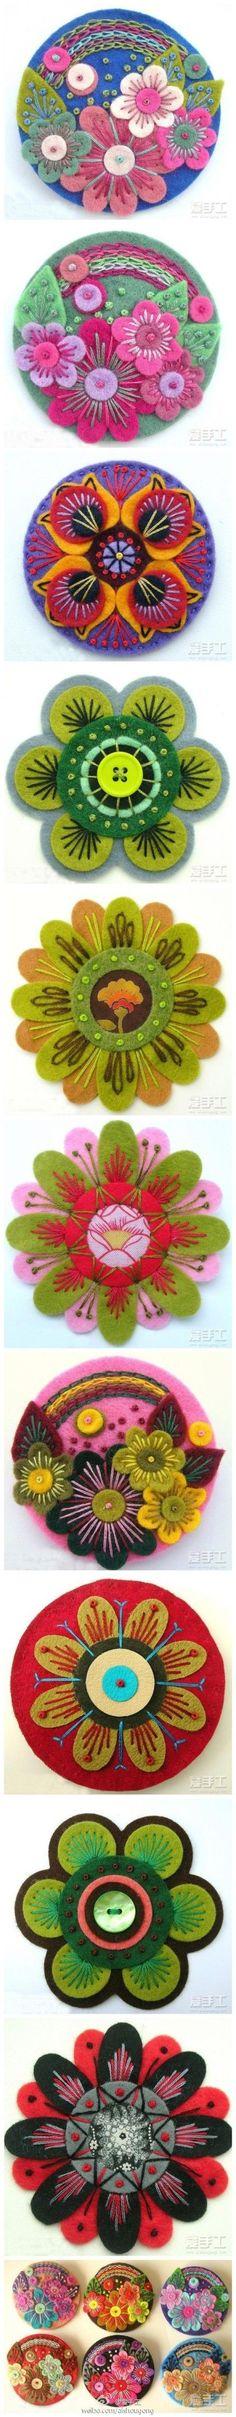 Keçe işleri yapmak kendin yap tutkunlarının en sevdiği hobi uğraşılarından biri. Özellikle yeni başlayanlar ya da başlamayı düşünenler için keçe çiçek modelleri yapmak görece daha kolaydır. Böylece hem hevesiniz kırılmaz hem de mükemmel aksesuarlara süslemelere sahip olabilirsiniz. Siz de renkli keç